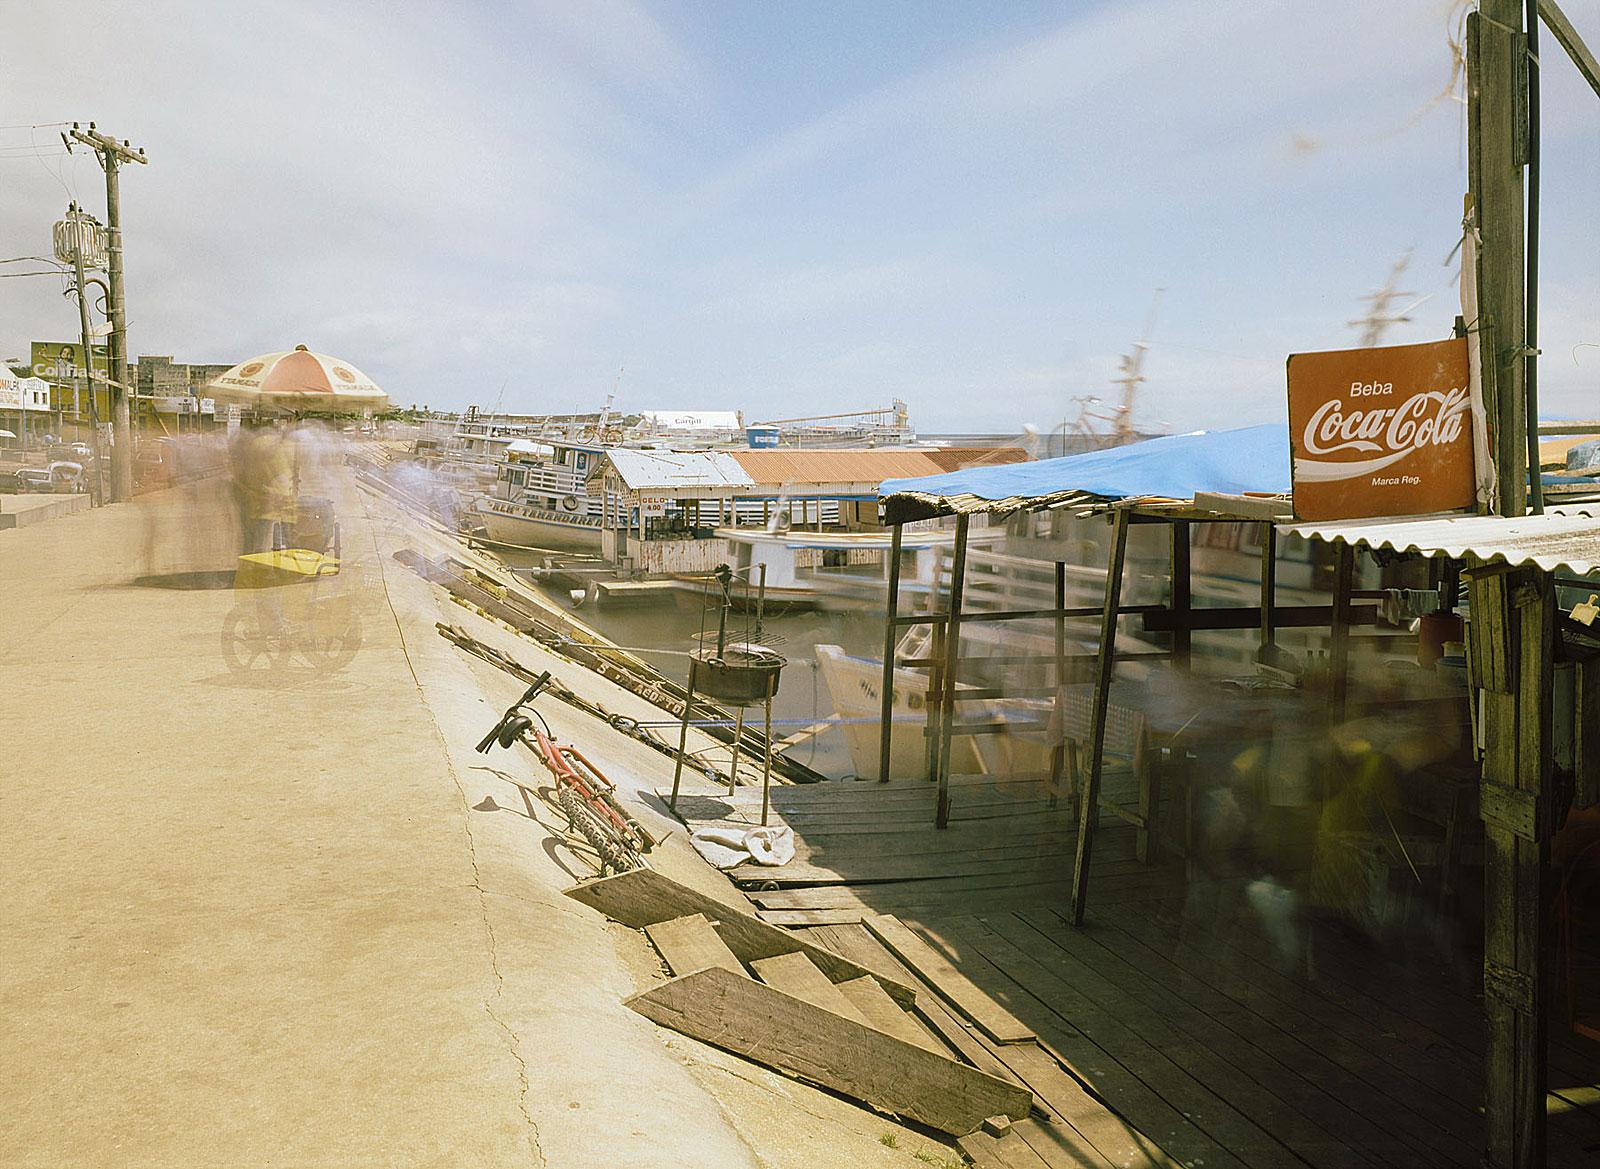 Cais, Santarém (11.32 - 11.42 Uhr, 31.7.2003)